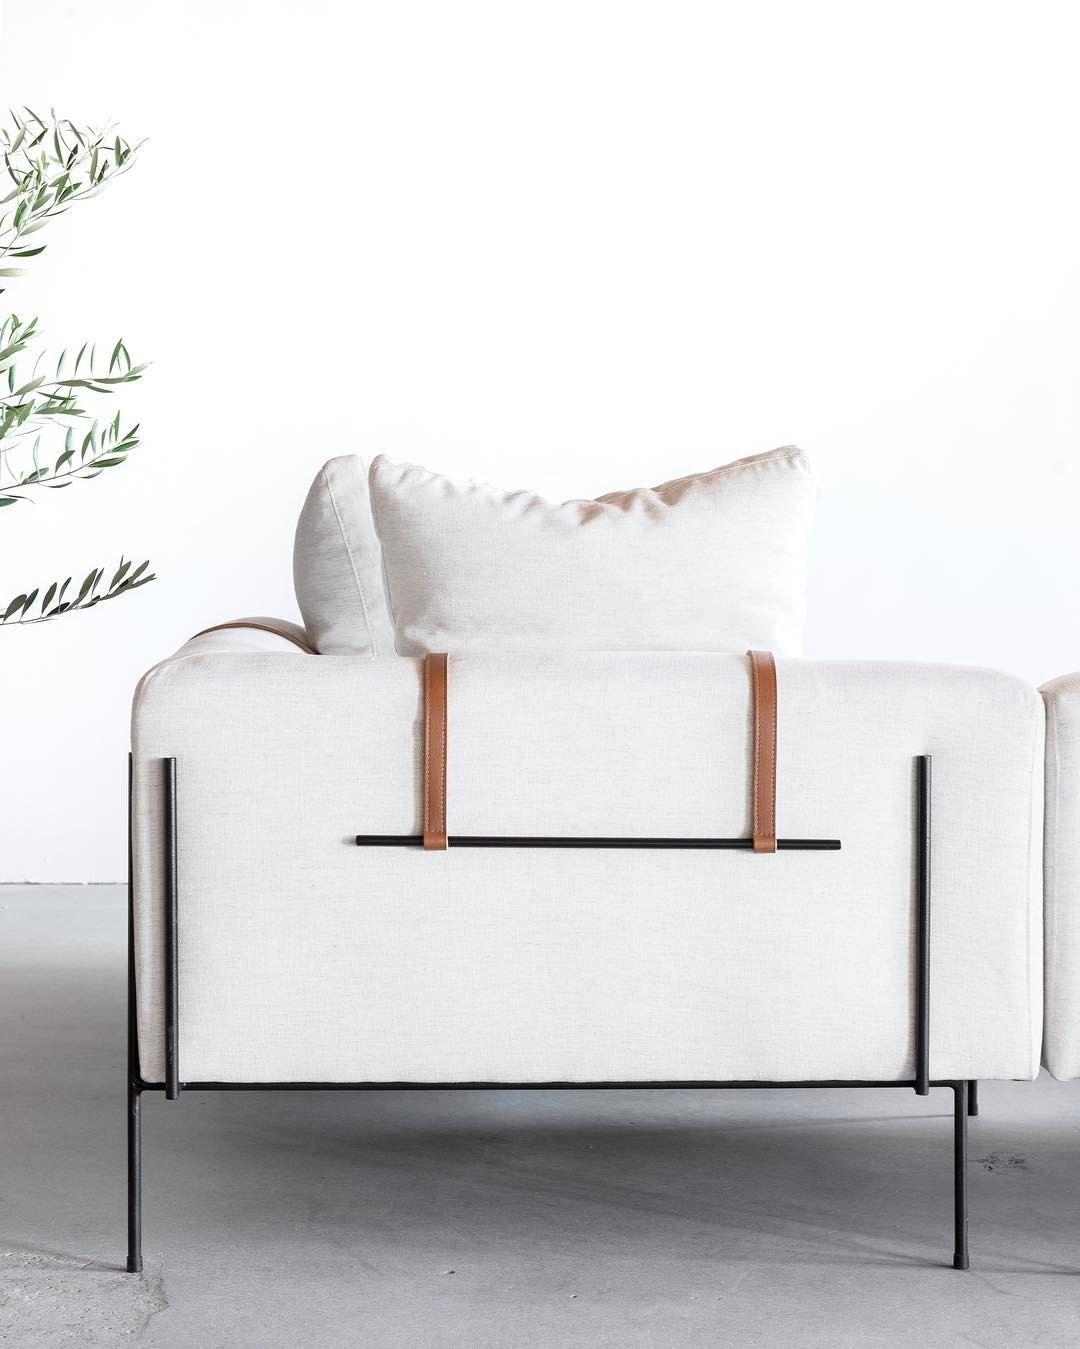 Sofa Beds Love the details in the design of the Bronson sofa by Nackst dskudde l derrem h nger justera h jd